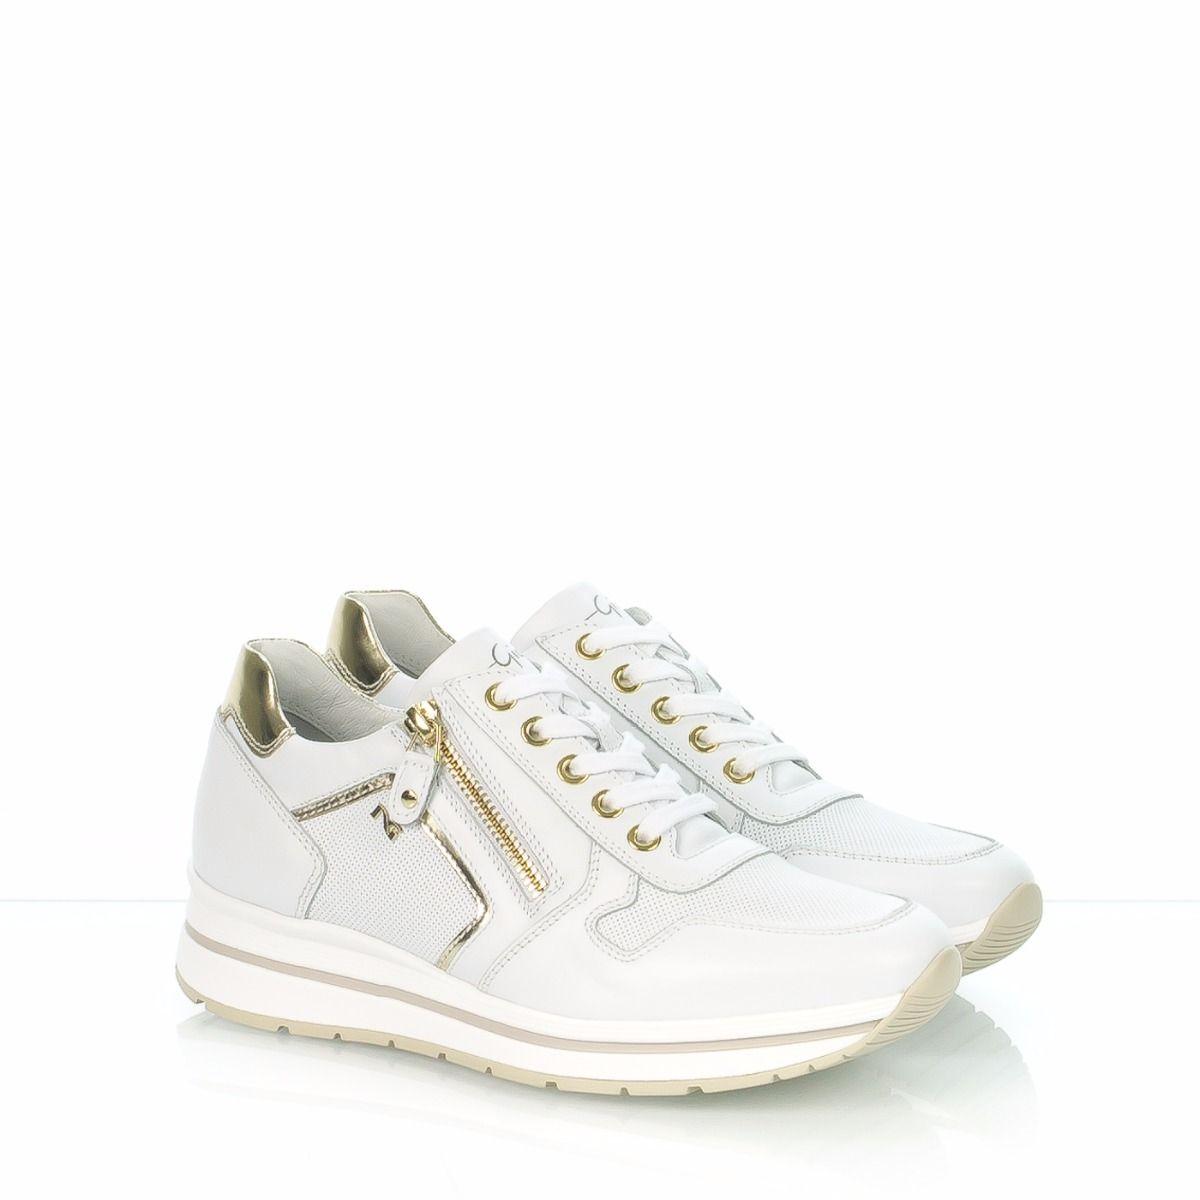 NERO GIARDINI 17232D|sneakers donna|skipper|pelle|bianco|Spedizione  gratuita|Shop online|Shoe Center|